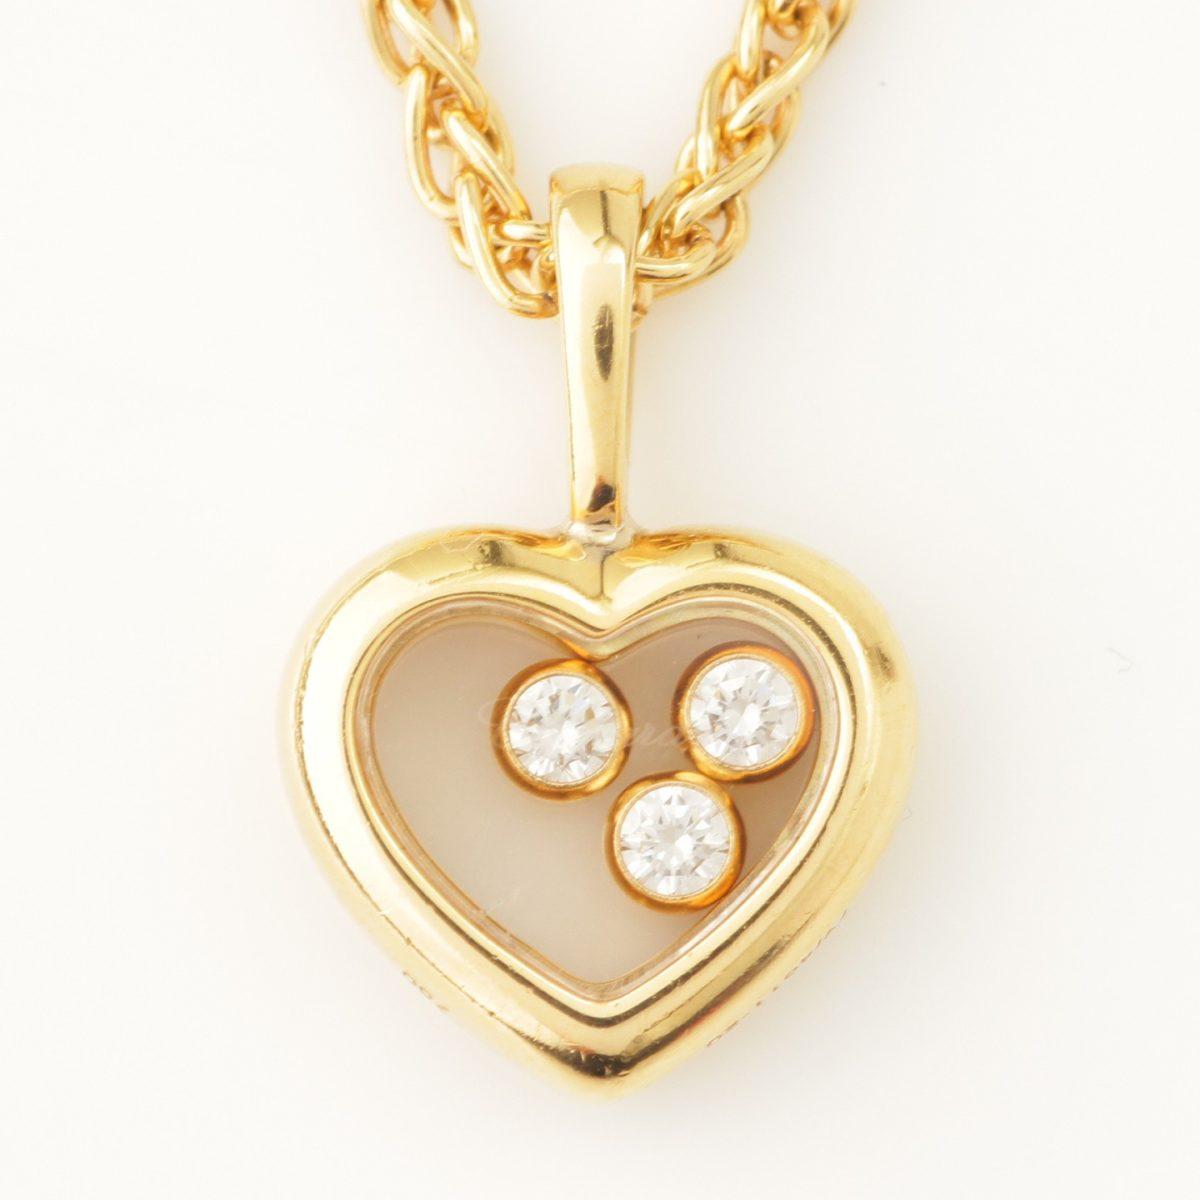 ショパール ハッピーダイヤモンド 3PD ネックレス K18 750